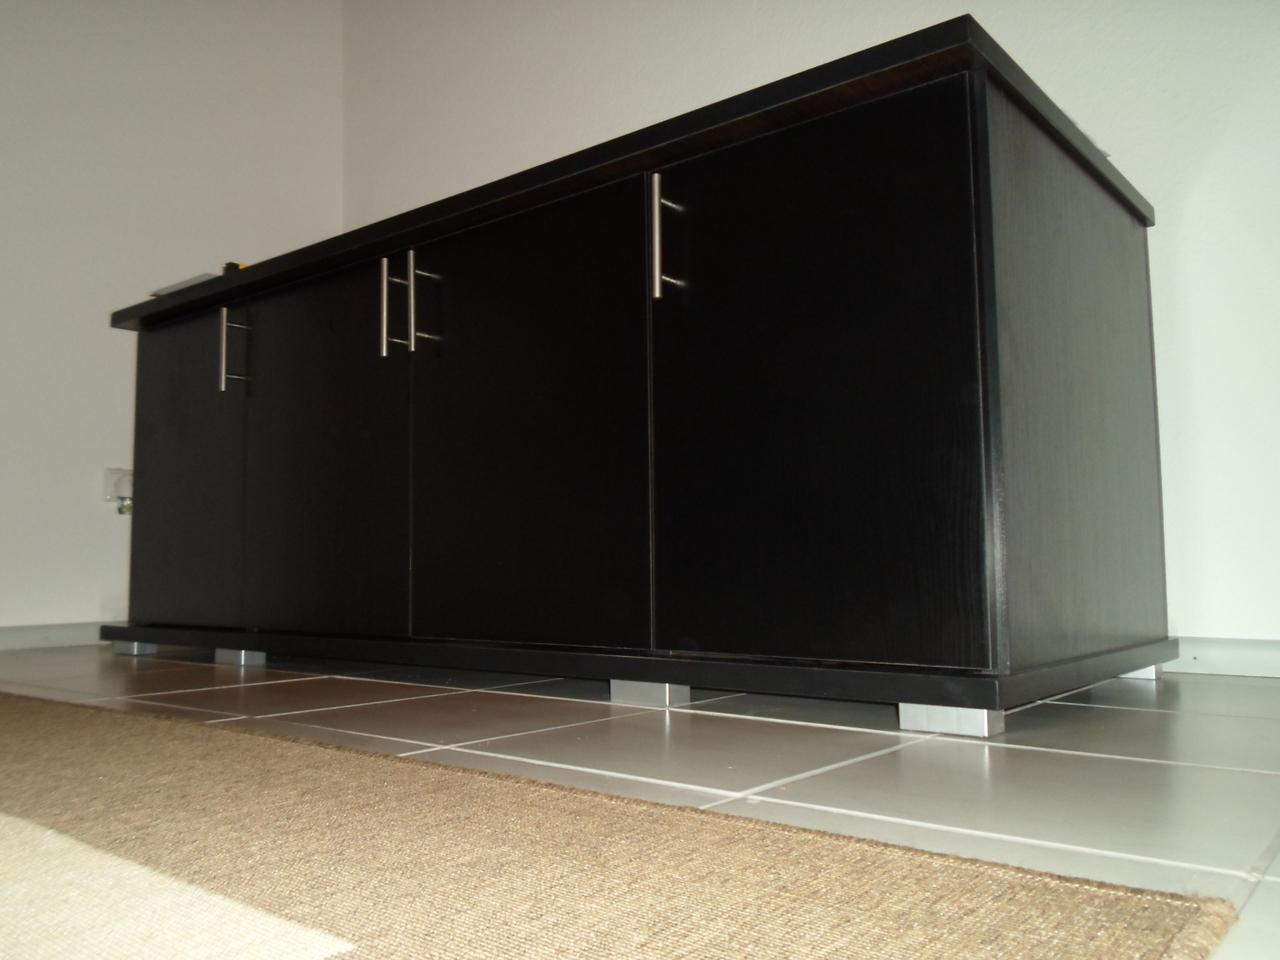 endlich der startschu f r meine pf tze diskussionsforum diskussionsforum f r diskusliebhaber. Black Bedroom Furniture Sets. Home Design Ideas